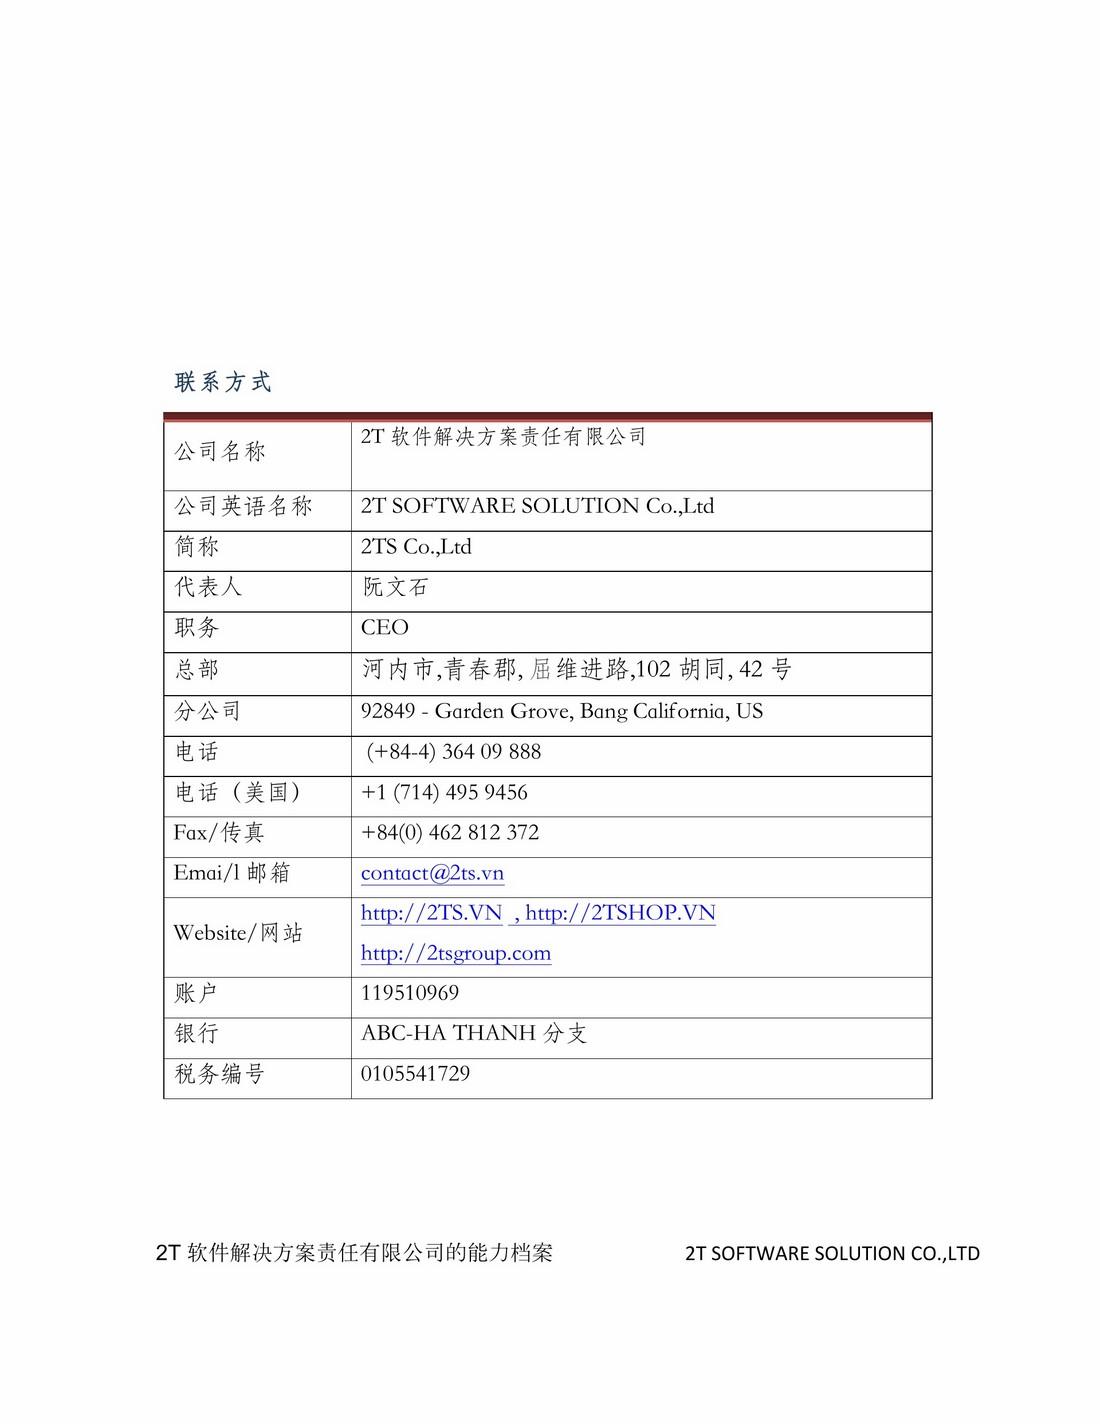 PDFtoJPG.me-42 (Copy)